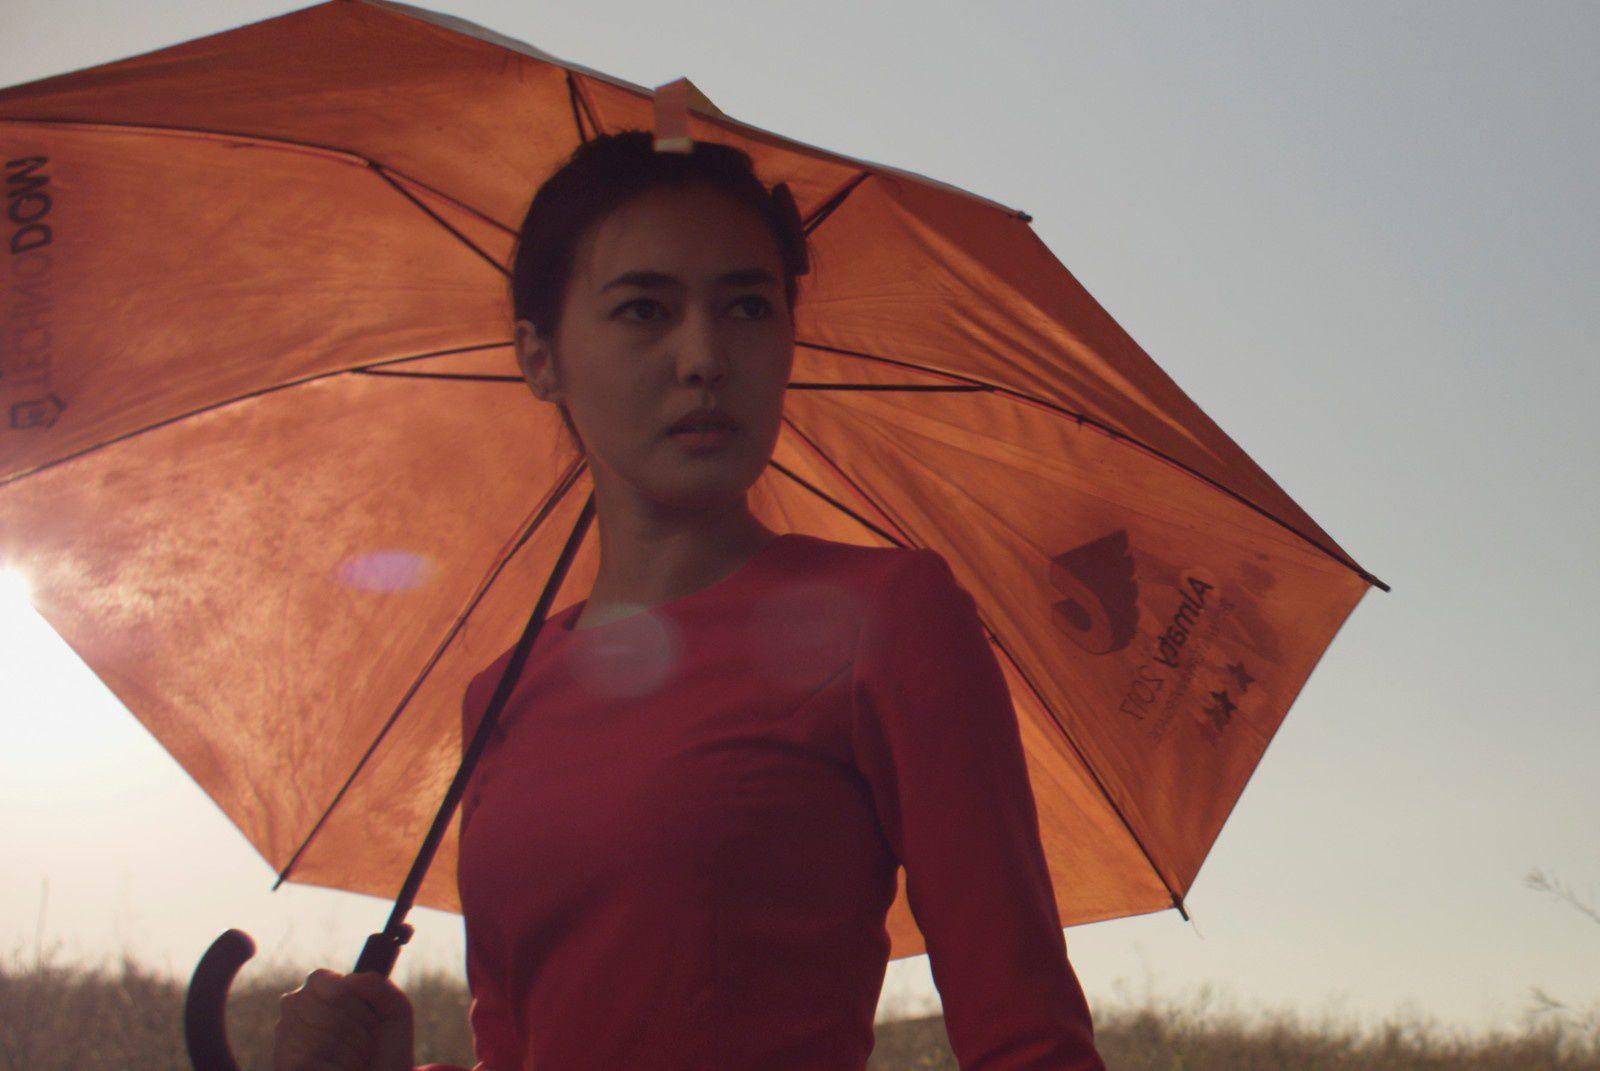 La tendre indifférence du monde (BANDE-ANNONCE) de Adilkhan Yerzhanov - Le 24 octobre 2018 au cinéma